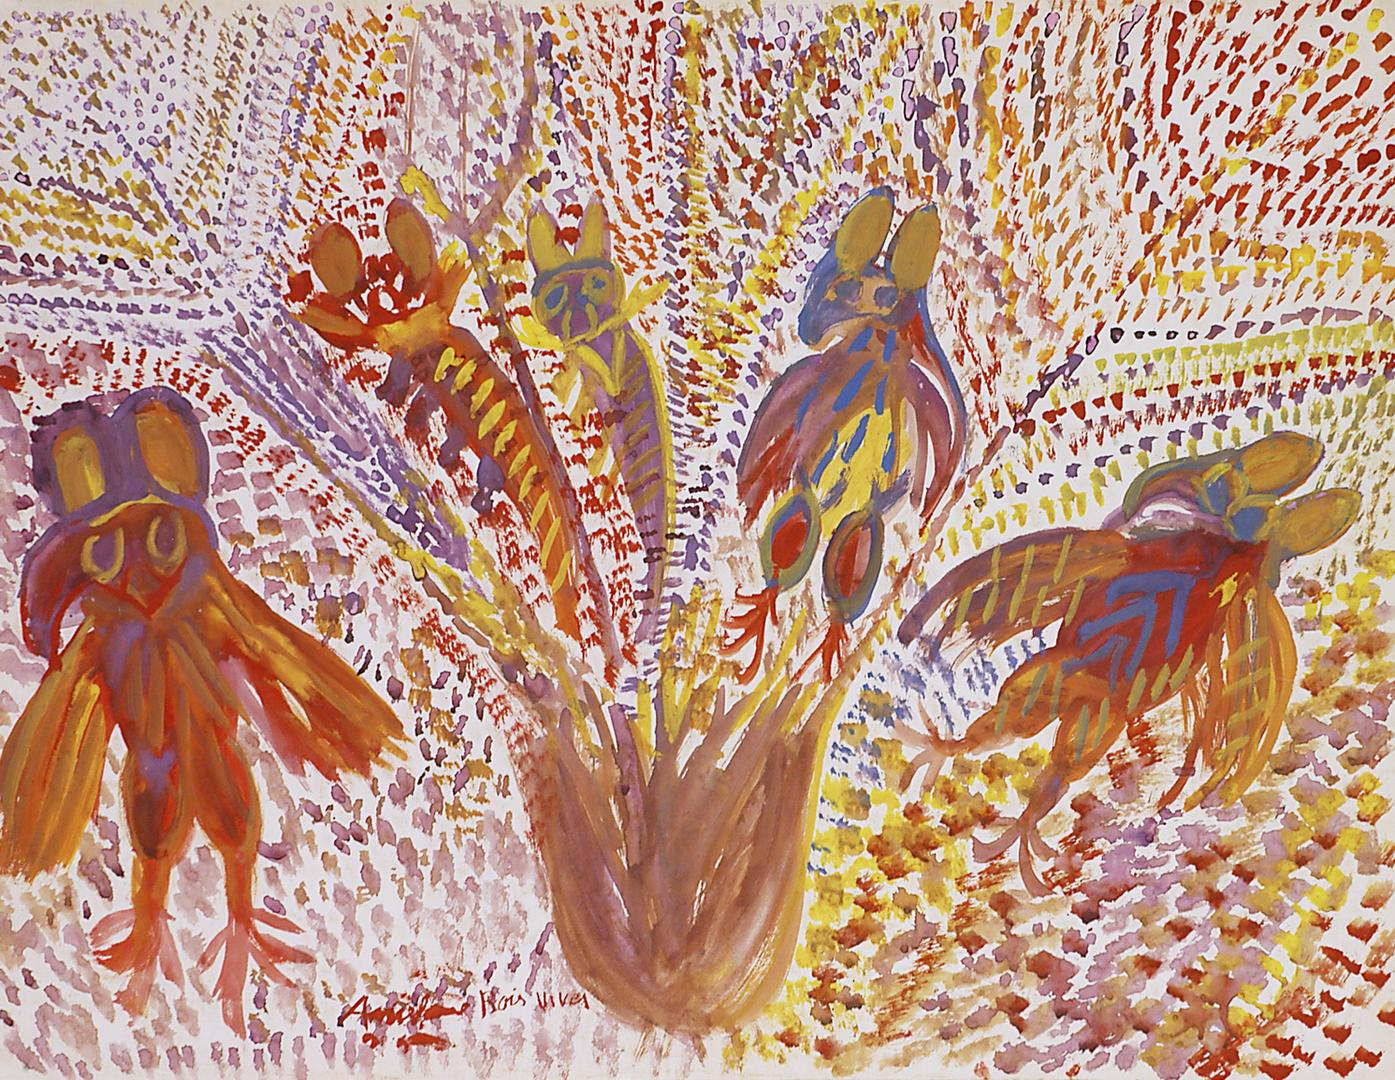 Anselme Boix-Vives, Les Mouches, 1962